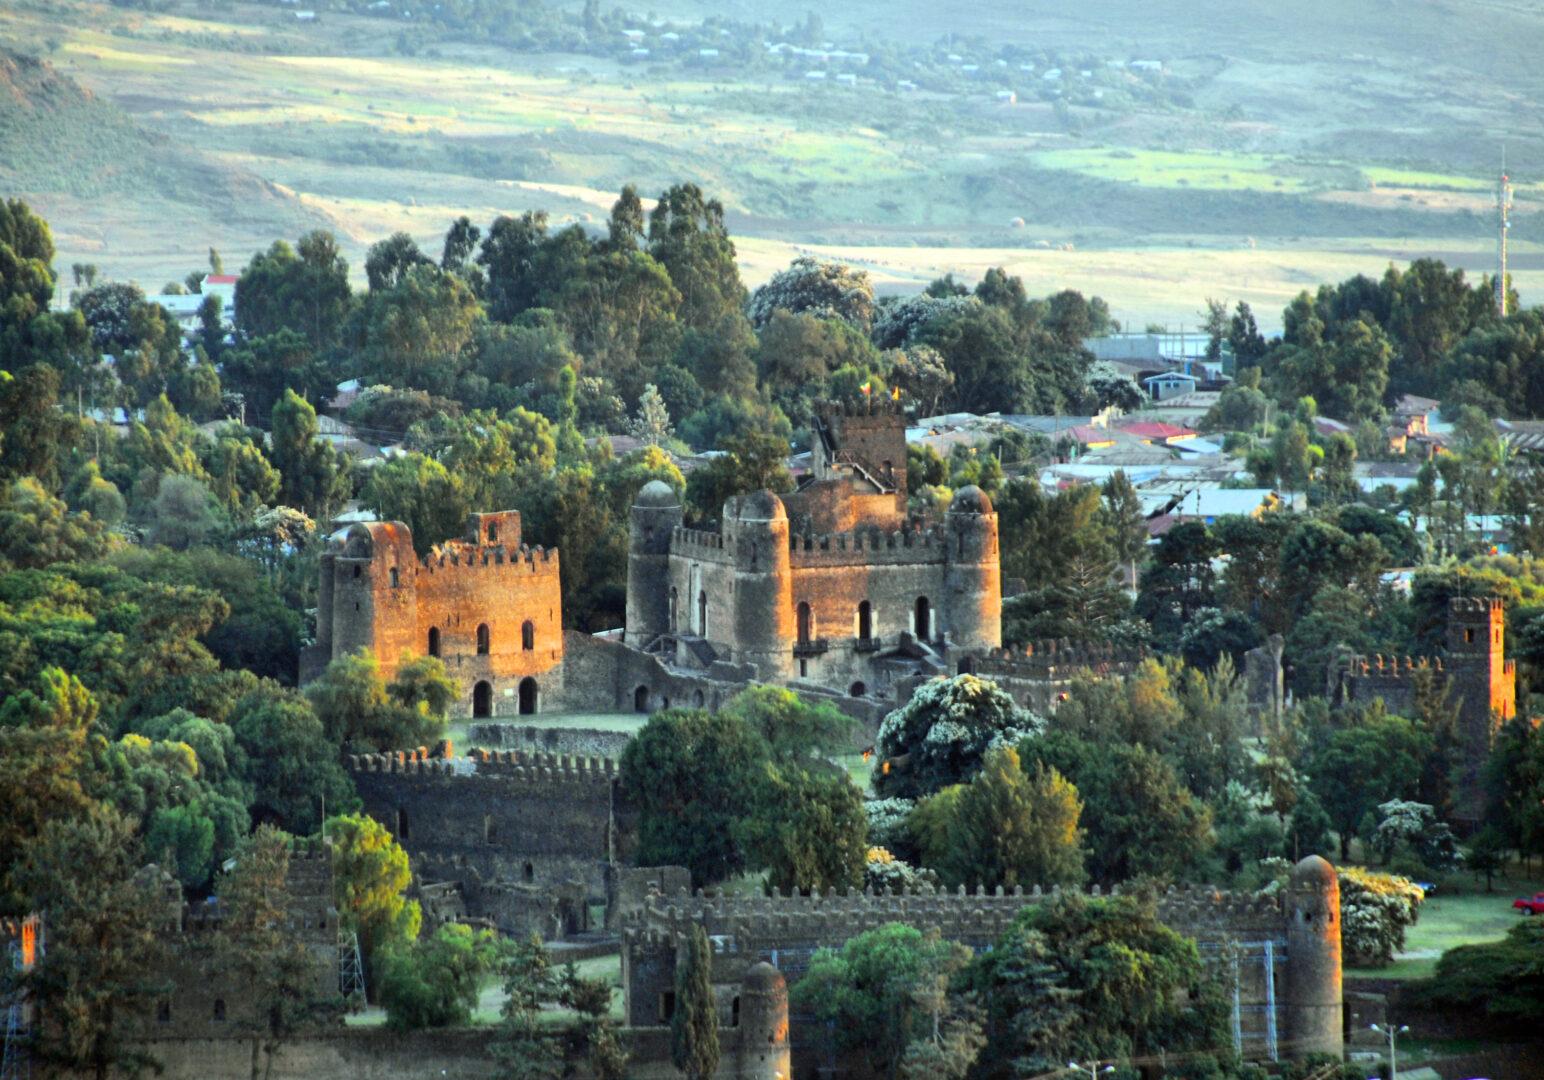 Gondar Castles in the Amhara Region of Ethiopia